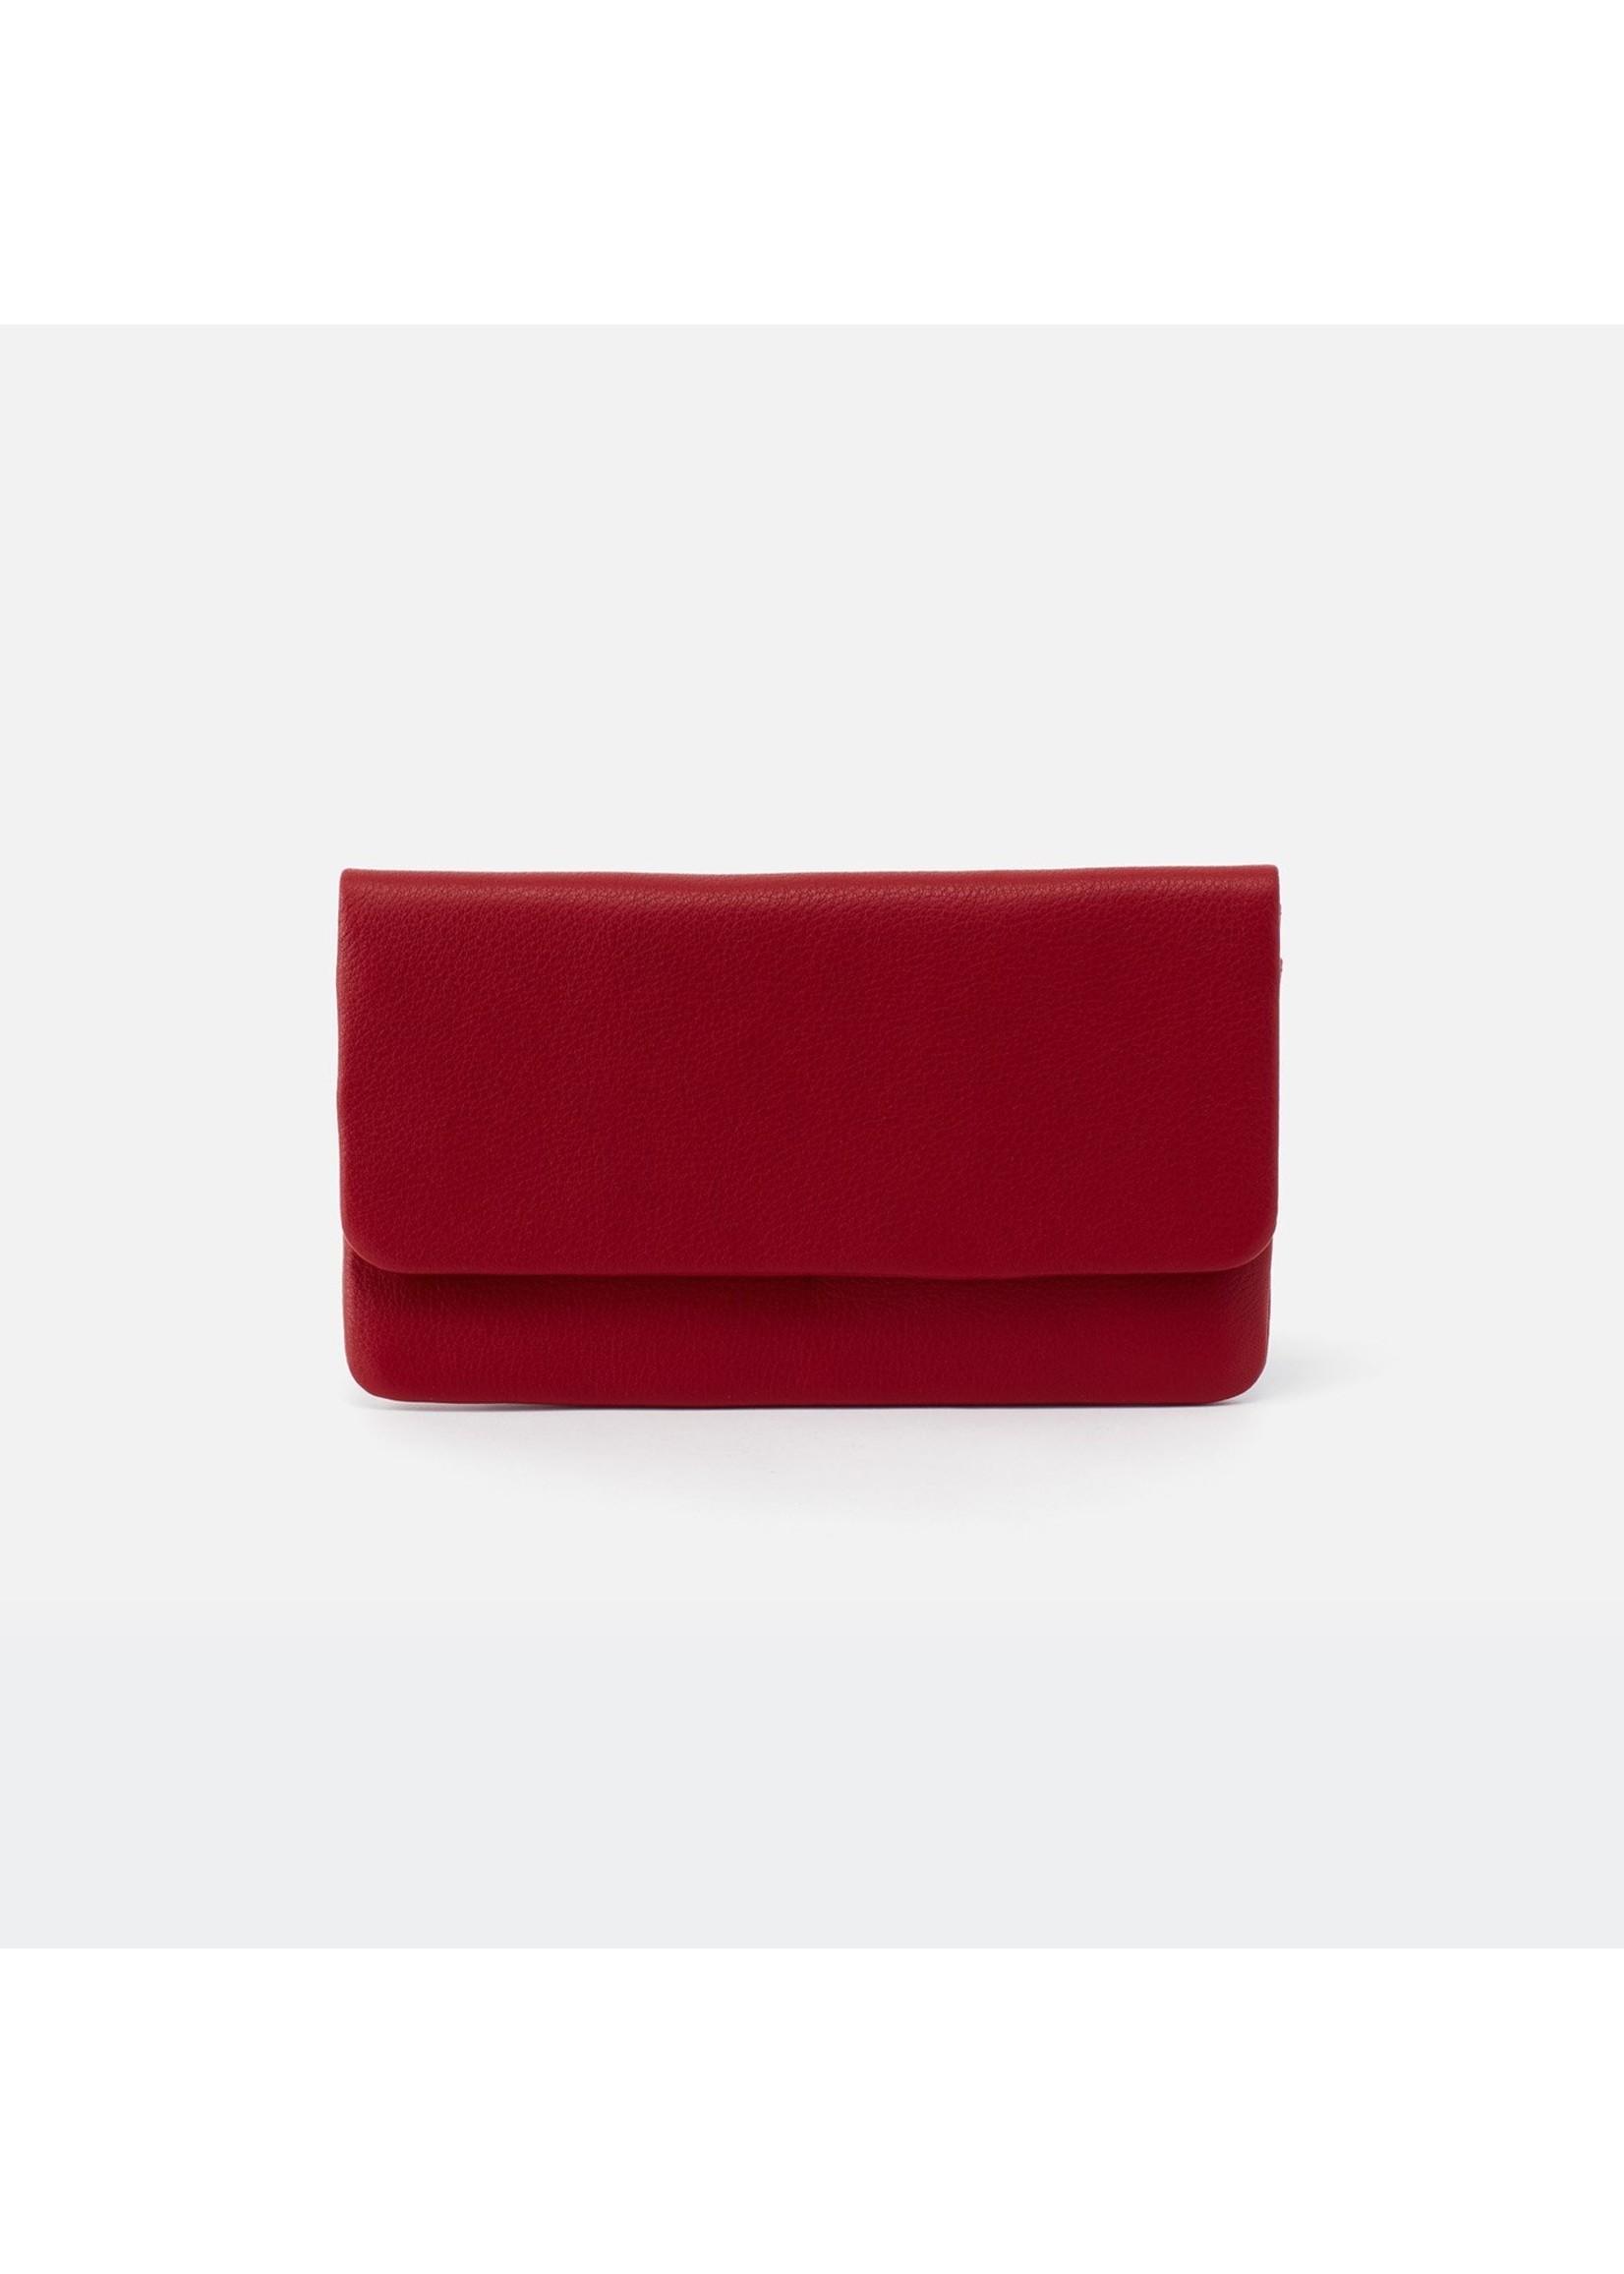 hobo Paca Continental Wallet Velvet Hide - Scarlet